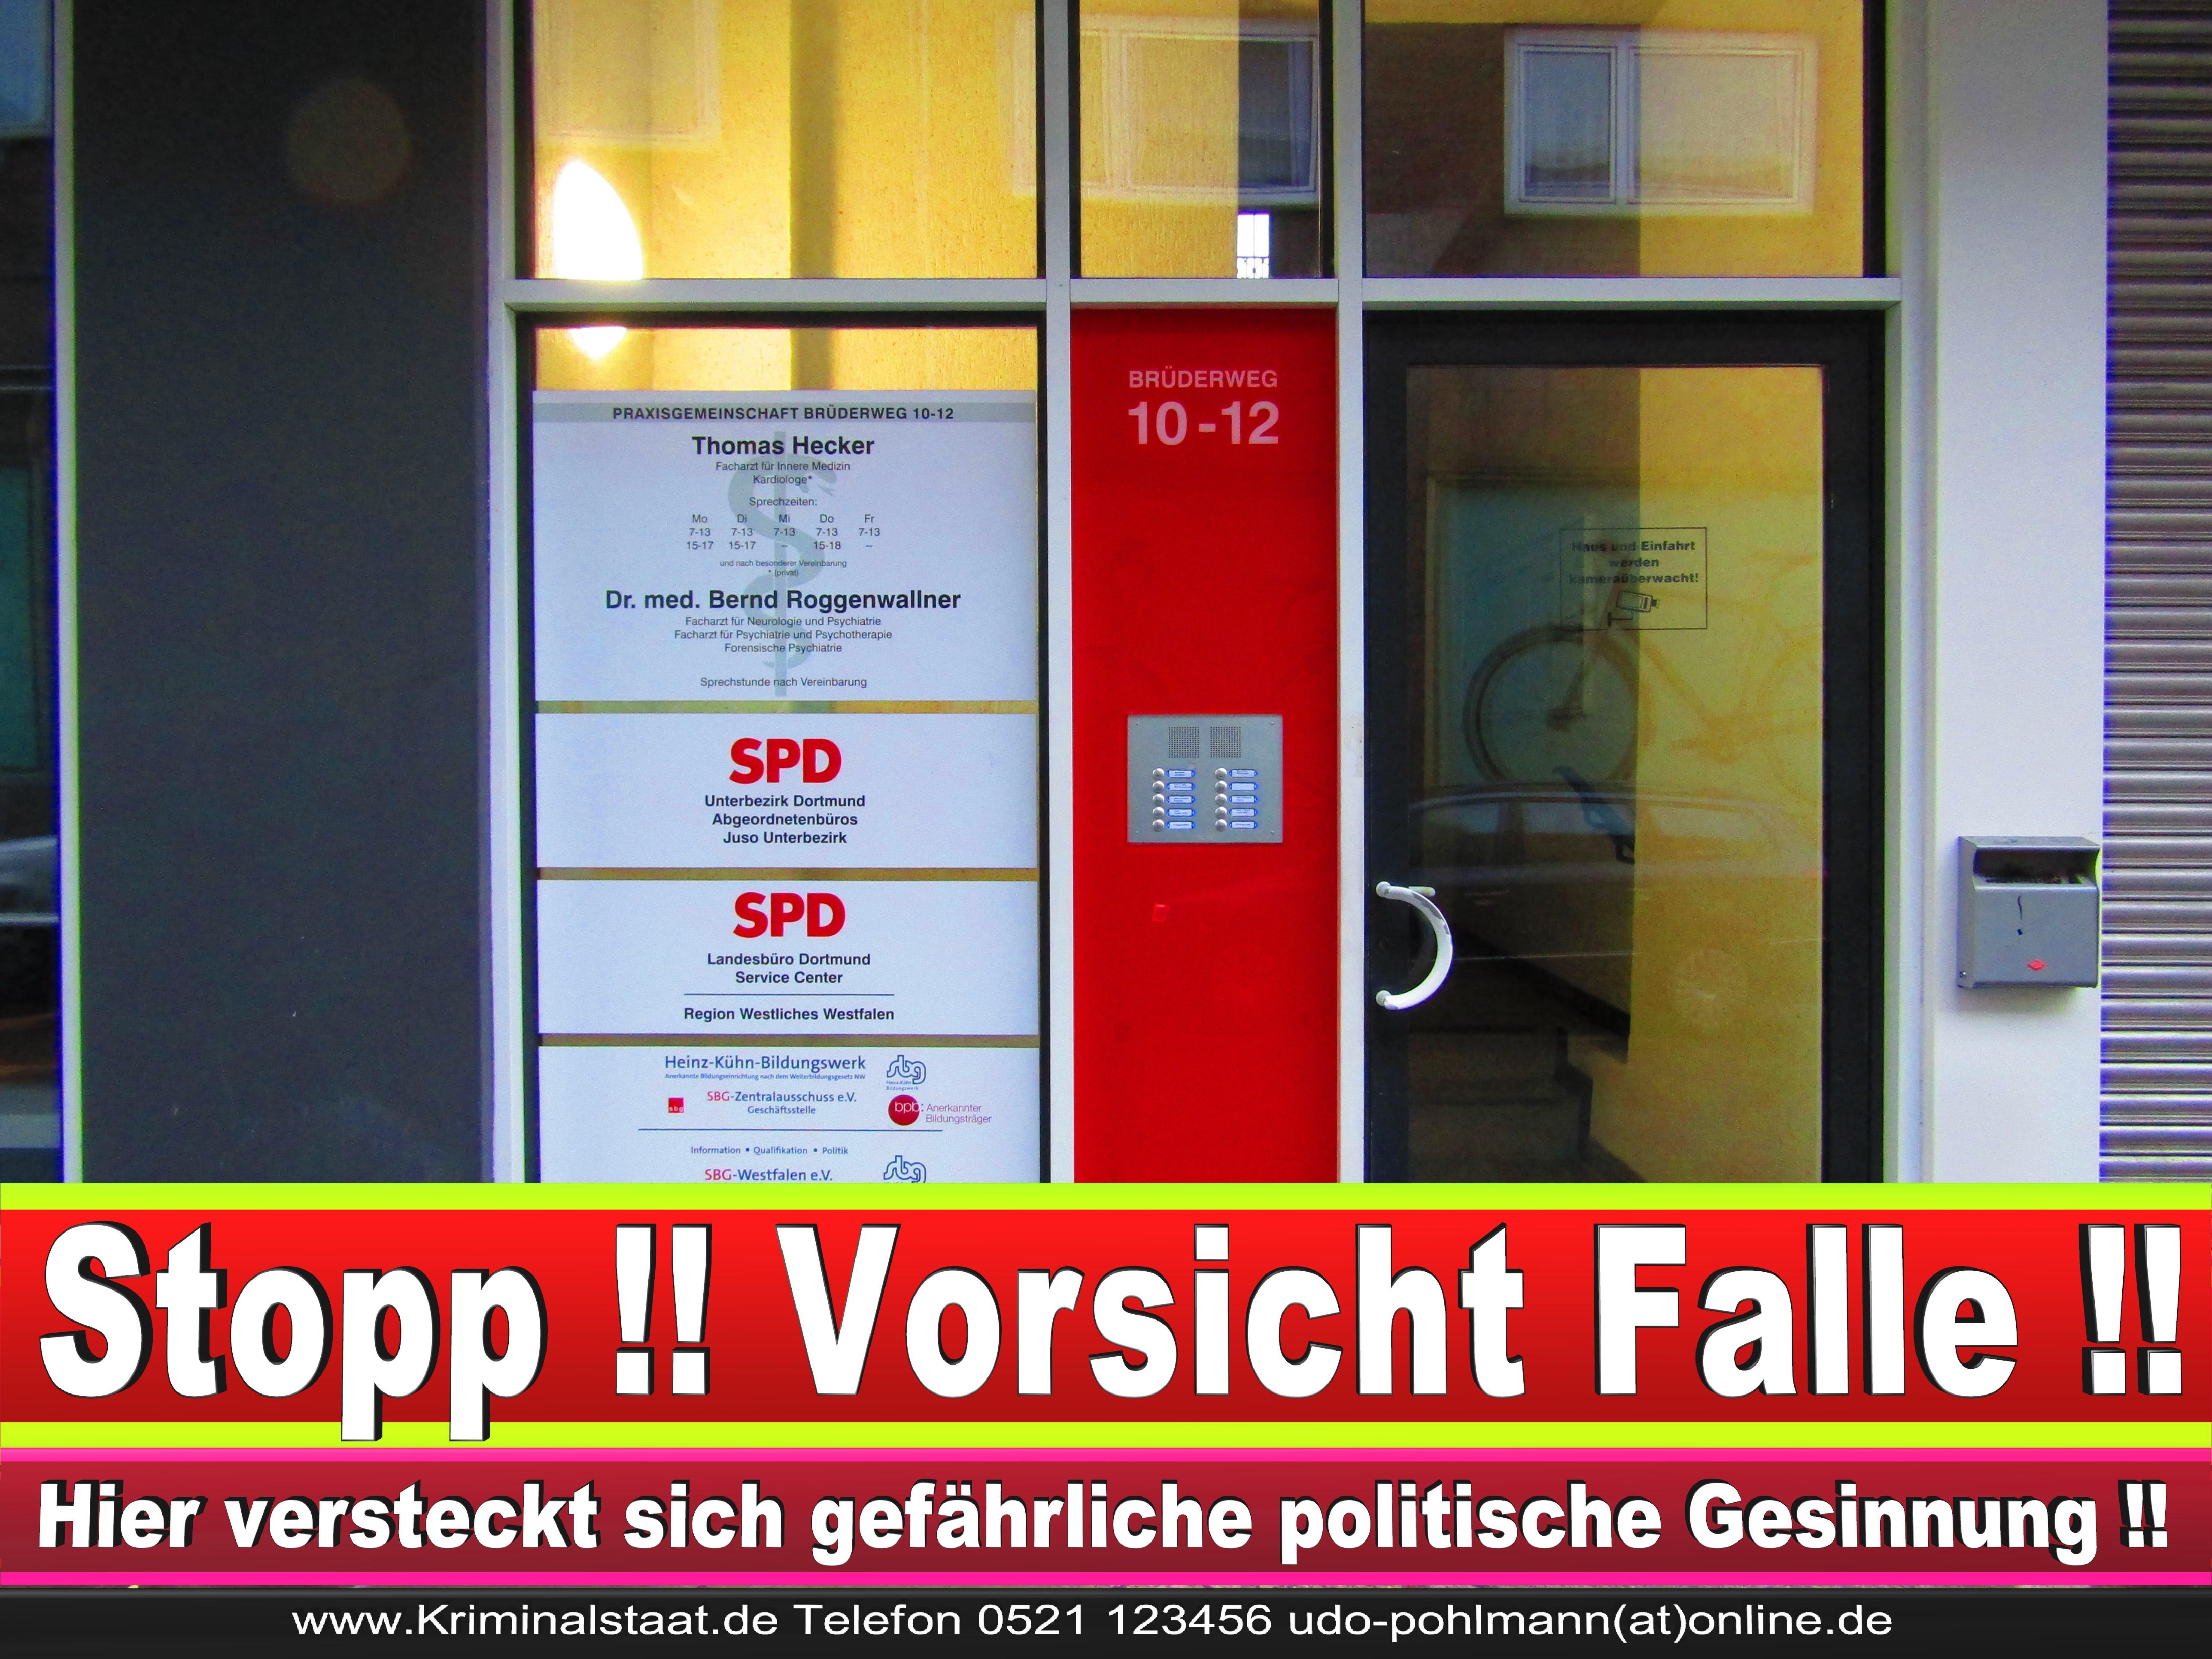 SPD DORTMUND UNTERBEZIRK BüRGERBüRO SPD ORTSVERBAND RAT STADT RATSMITGLIEDER SPD FRAKTION SPD NRW ADRESSE (20) 1